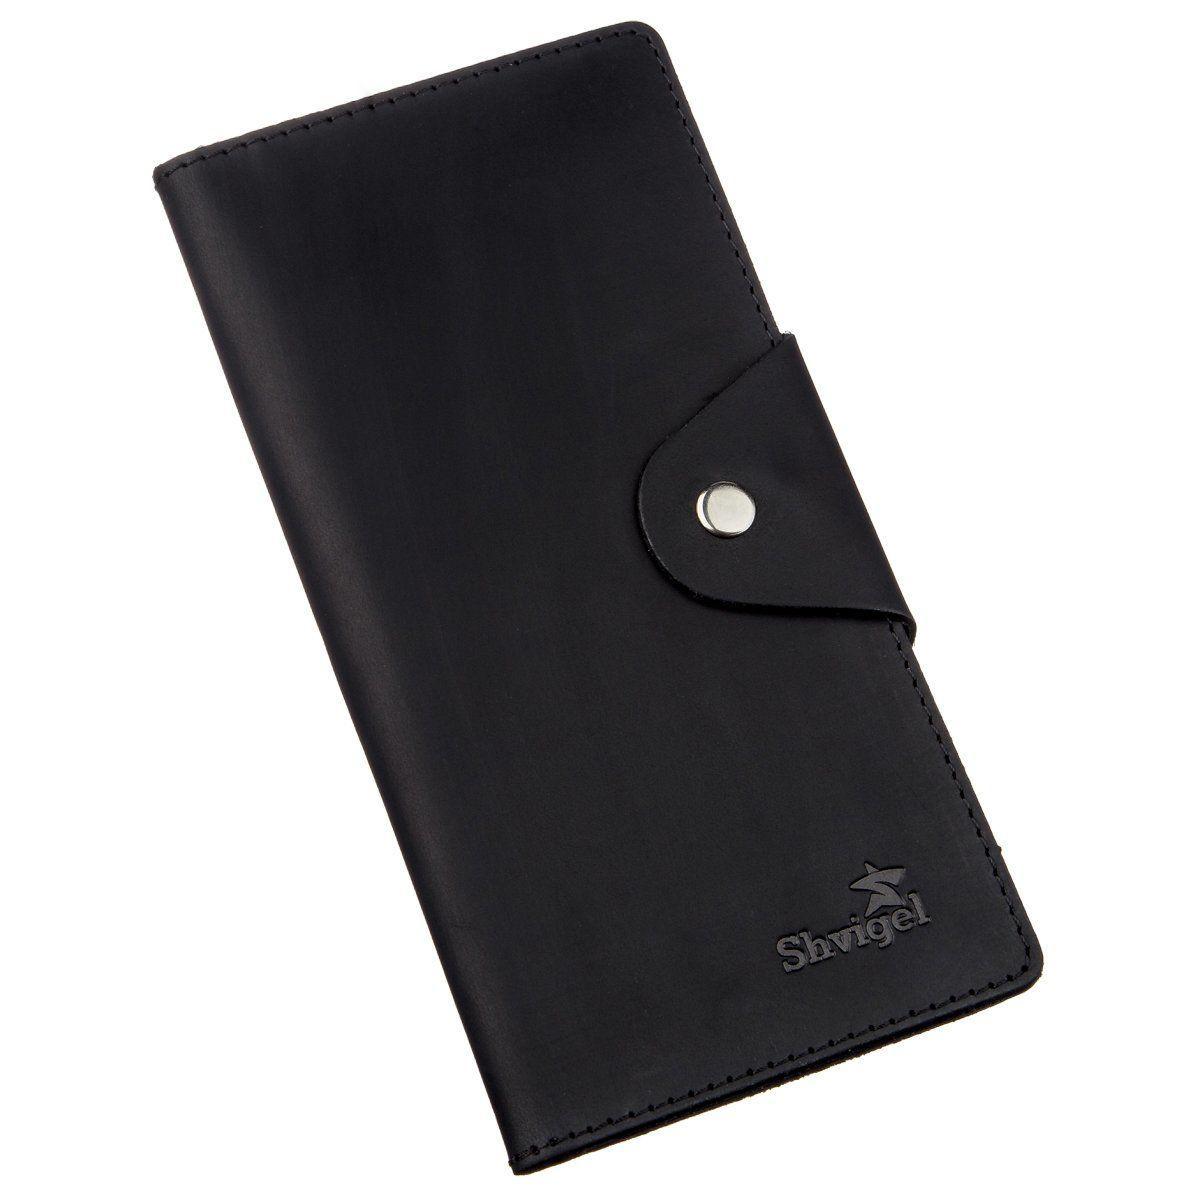 Бумажник мужской вертикальный из винтажной кожи на кнопках SHVIGEL 16182 Черный, Черный